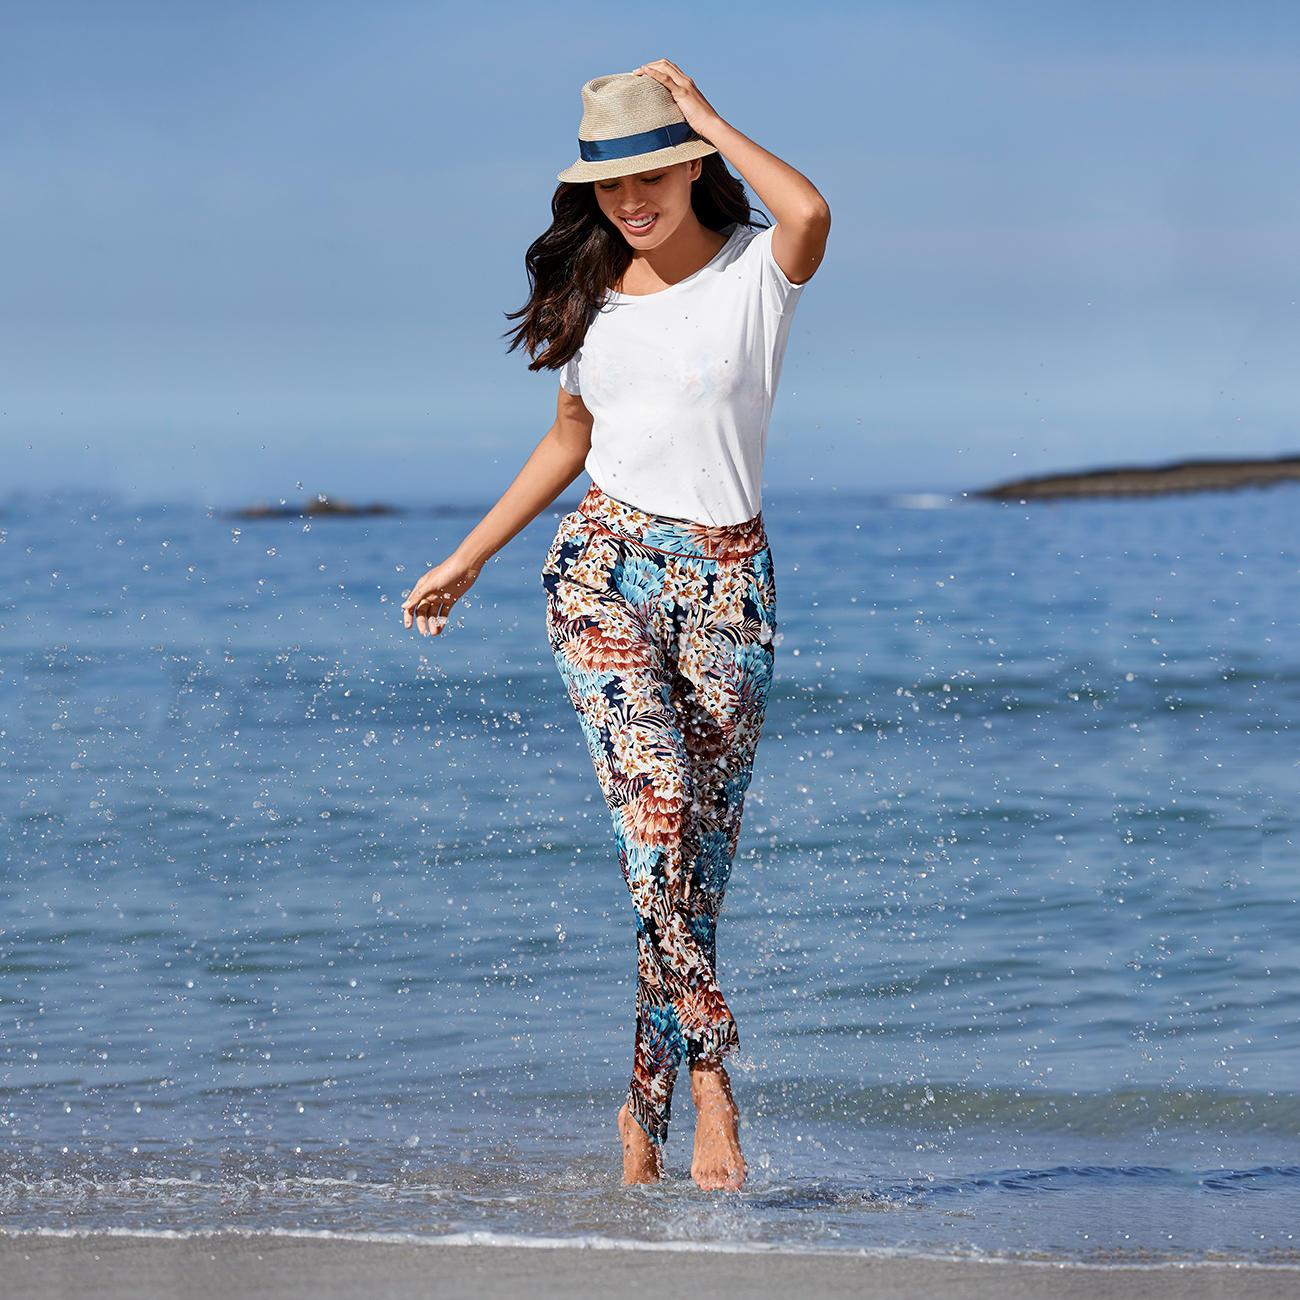 De Plage Tahiti Pantalon Bikini Skiny Ou Entdecken 0kX8nPwO